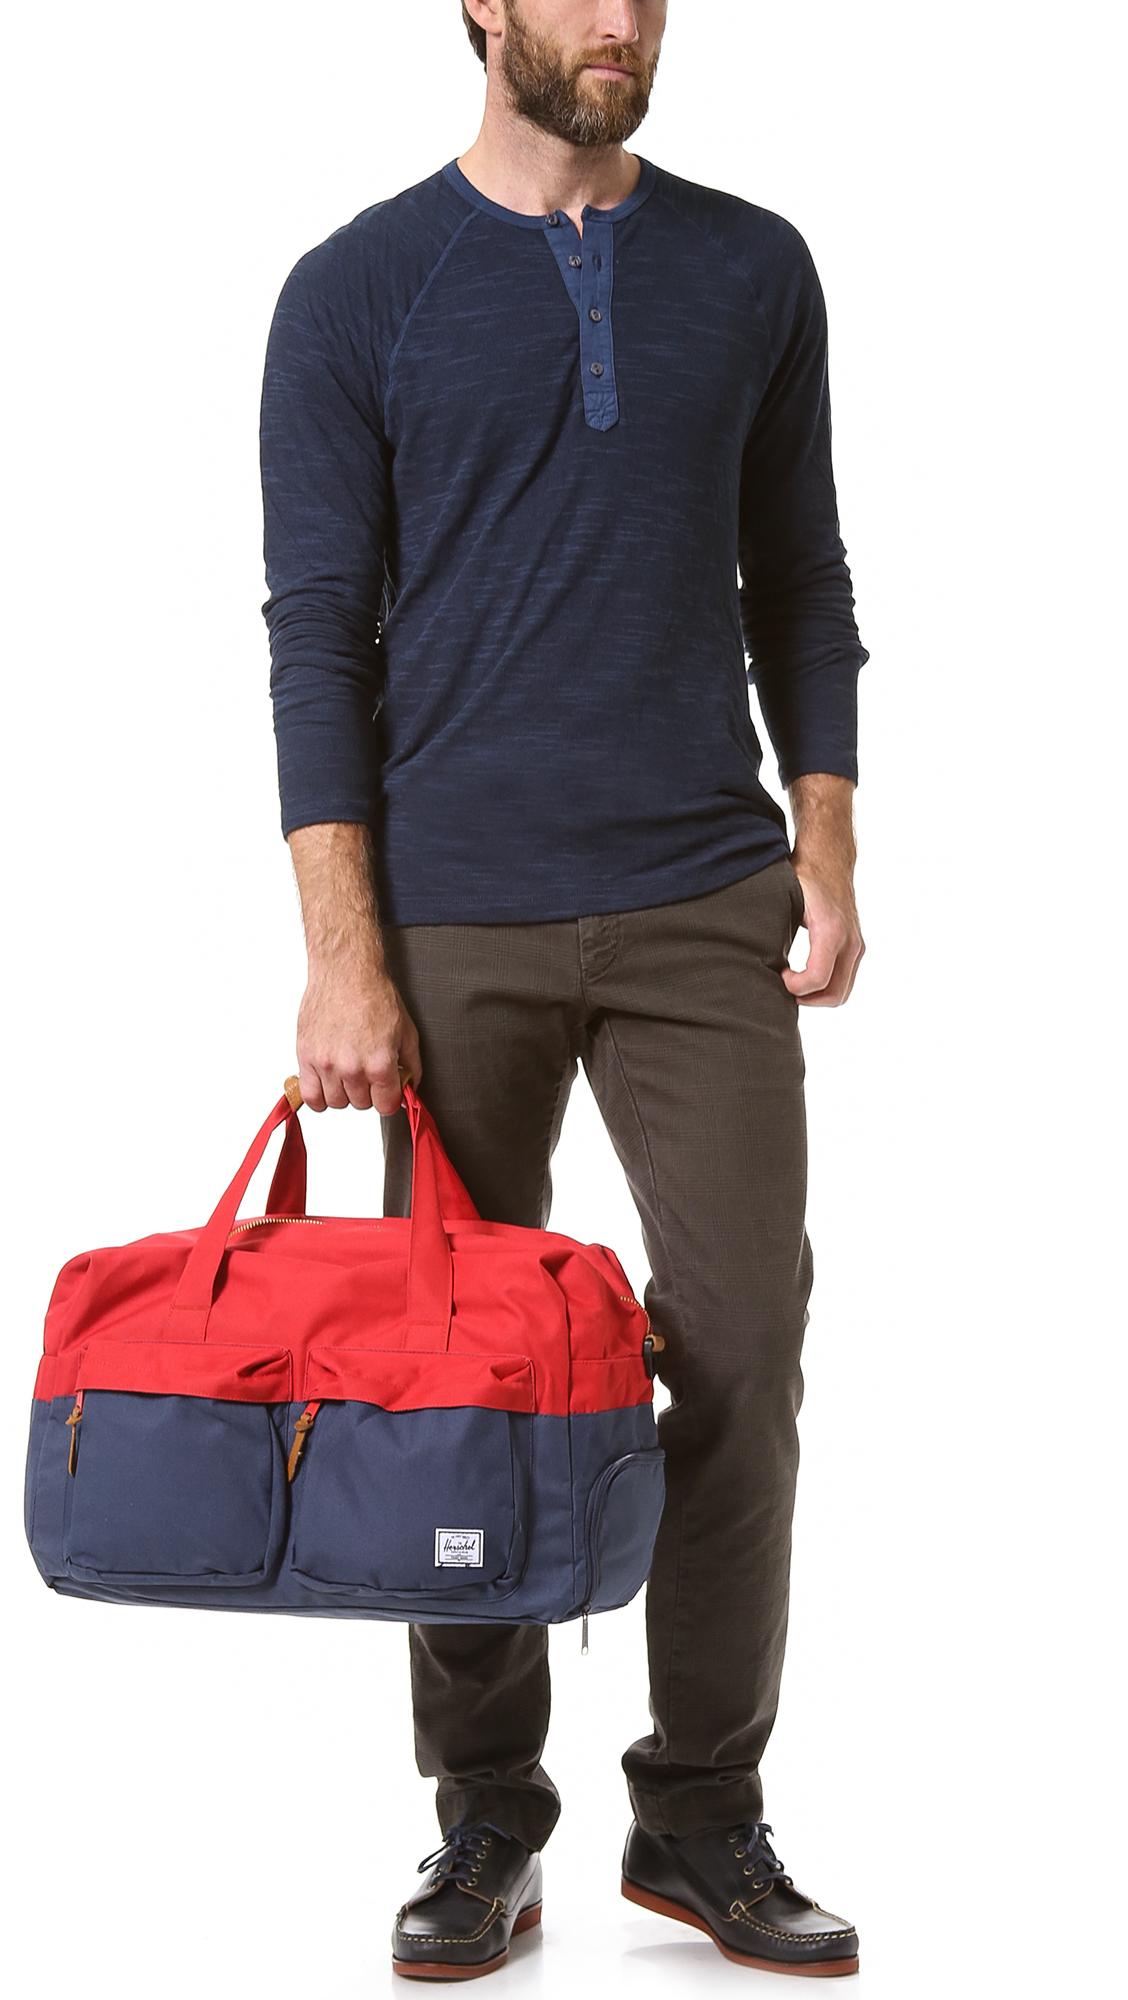 Lyst - Herschel Supply Co. Walton Duffel Bag in Red for Men 53f69c929d665